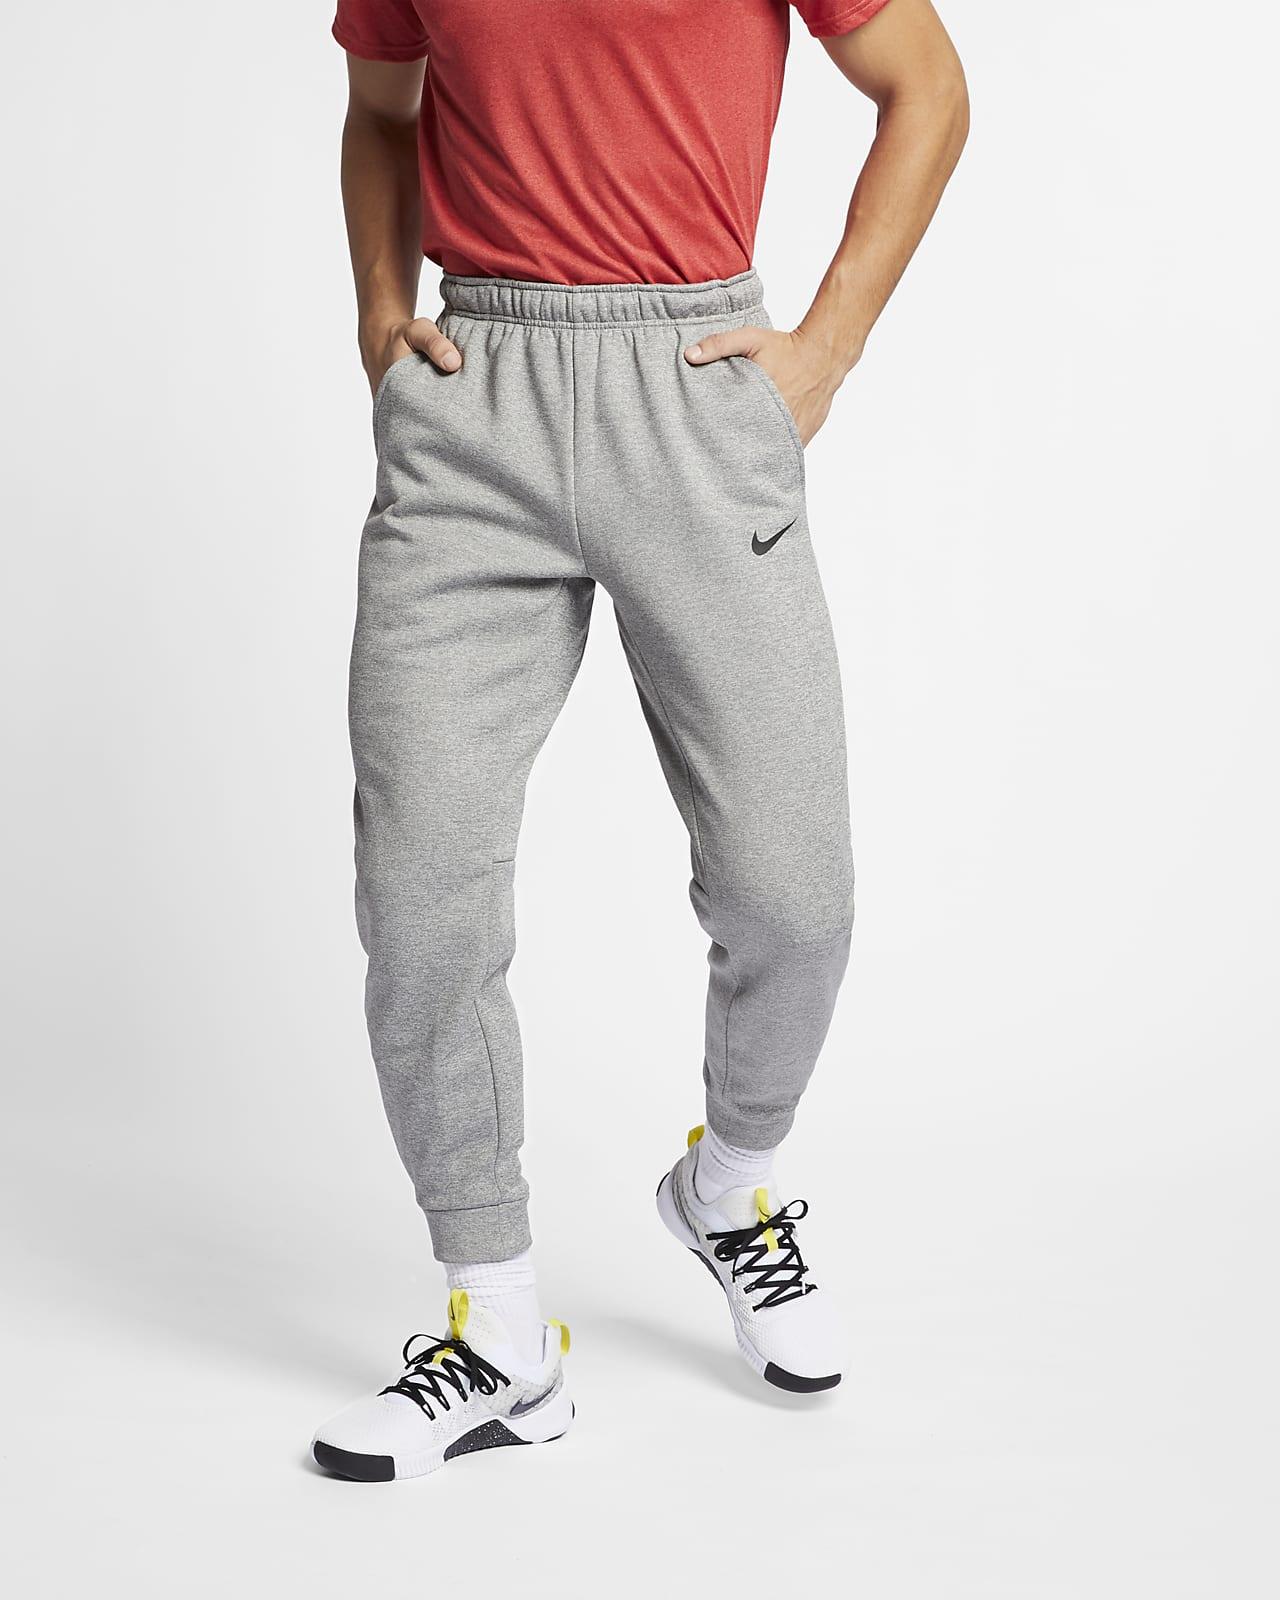 Pantalones de entrenamiento entallados para hombre Nike Therma